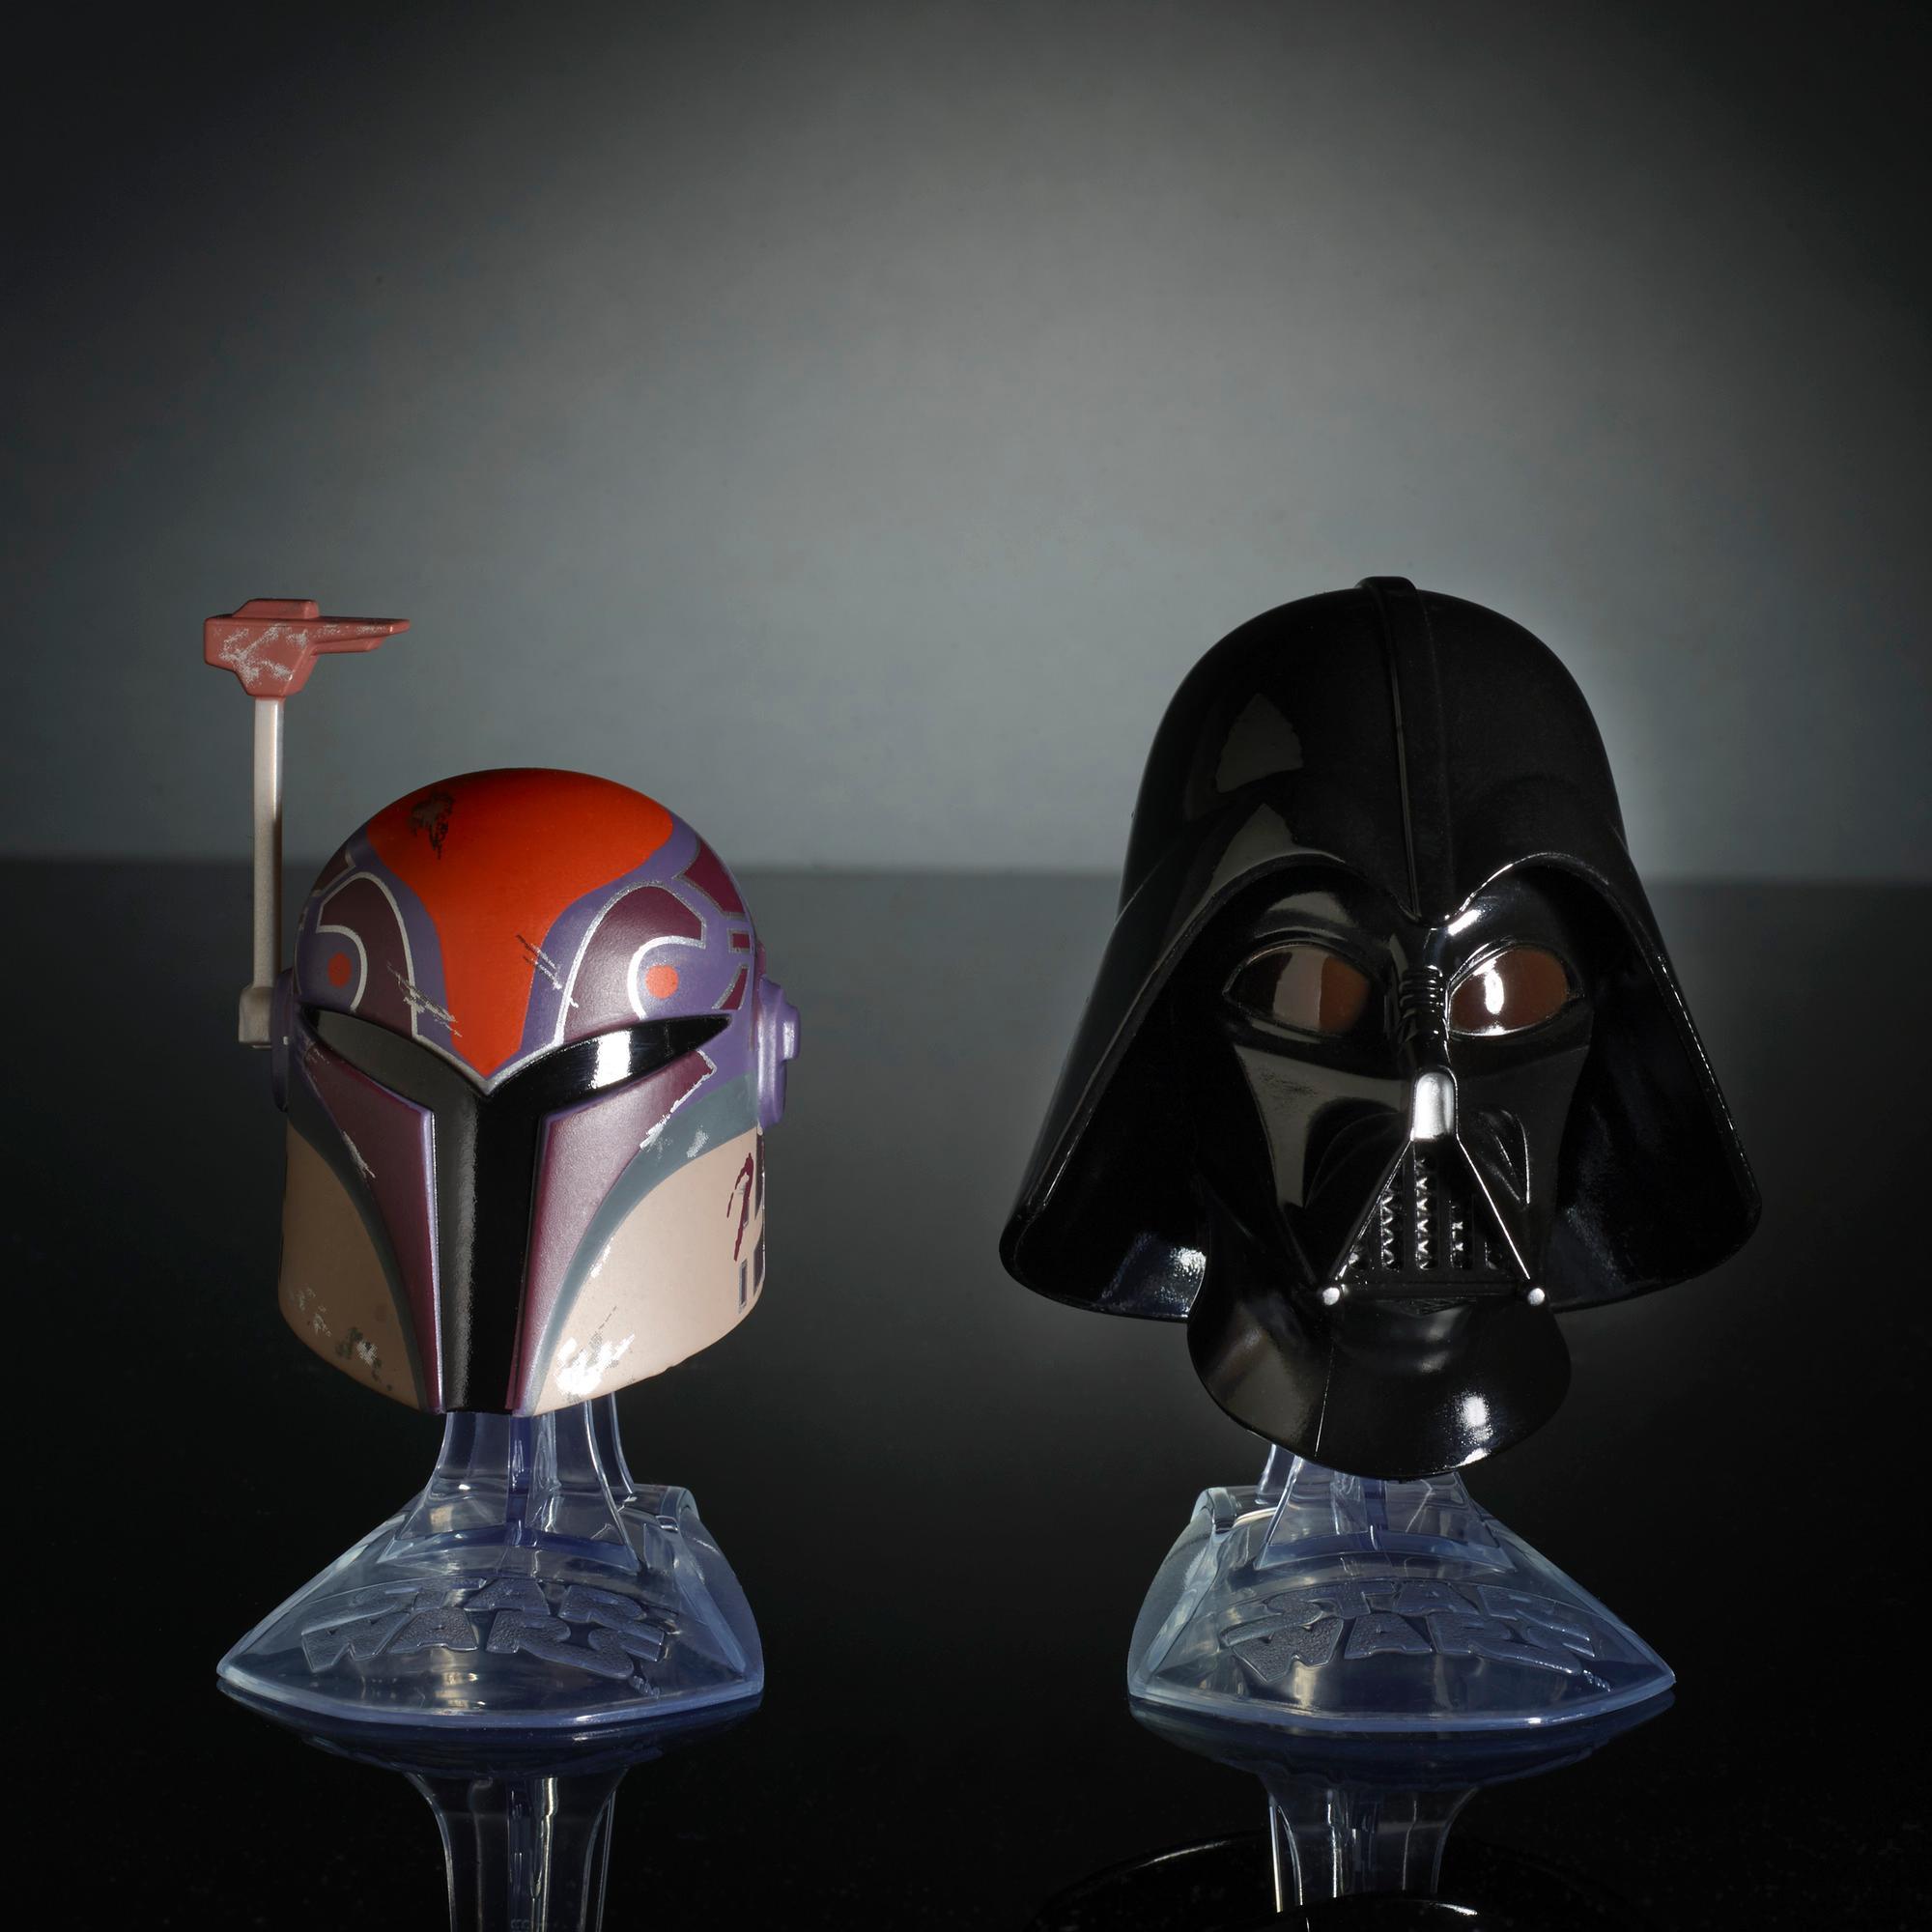 Star Wars Série noire Titanium - Casques de Sabine Wren et Darth Vader